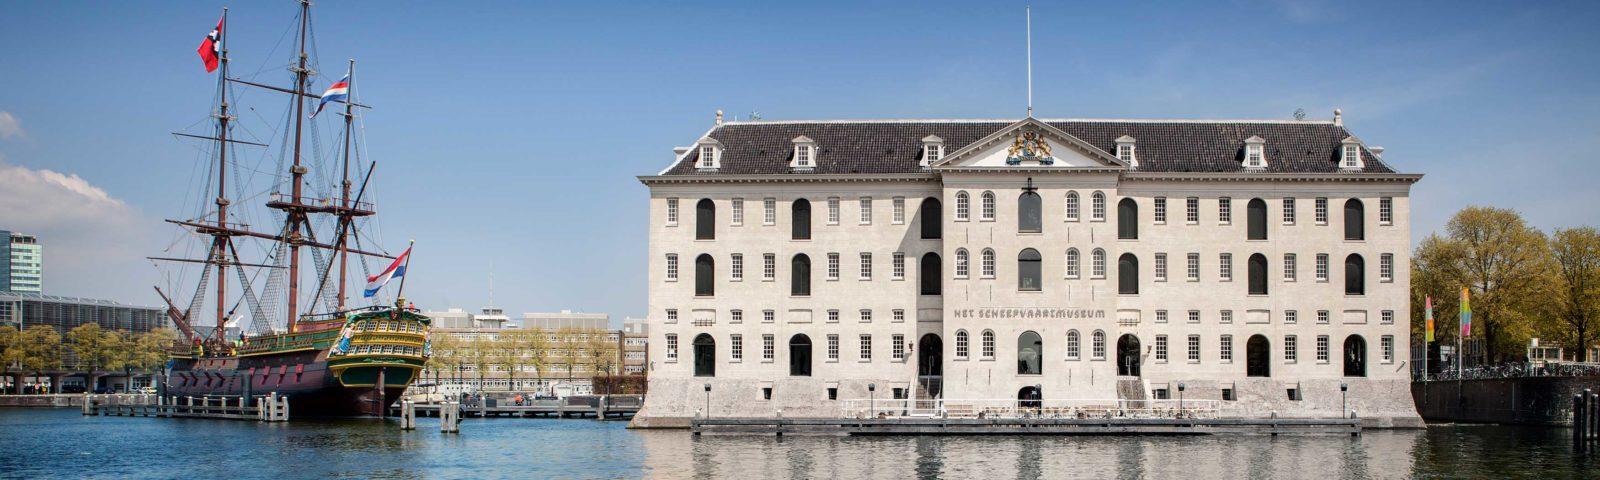 Het Scheepsvaartmuseum en het VOC schip